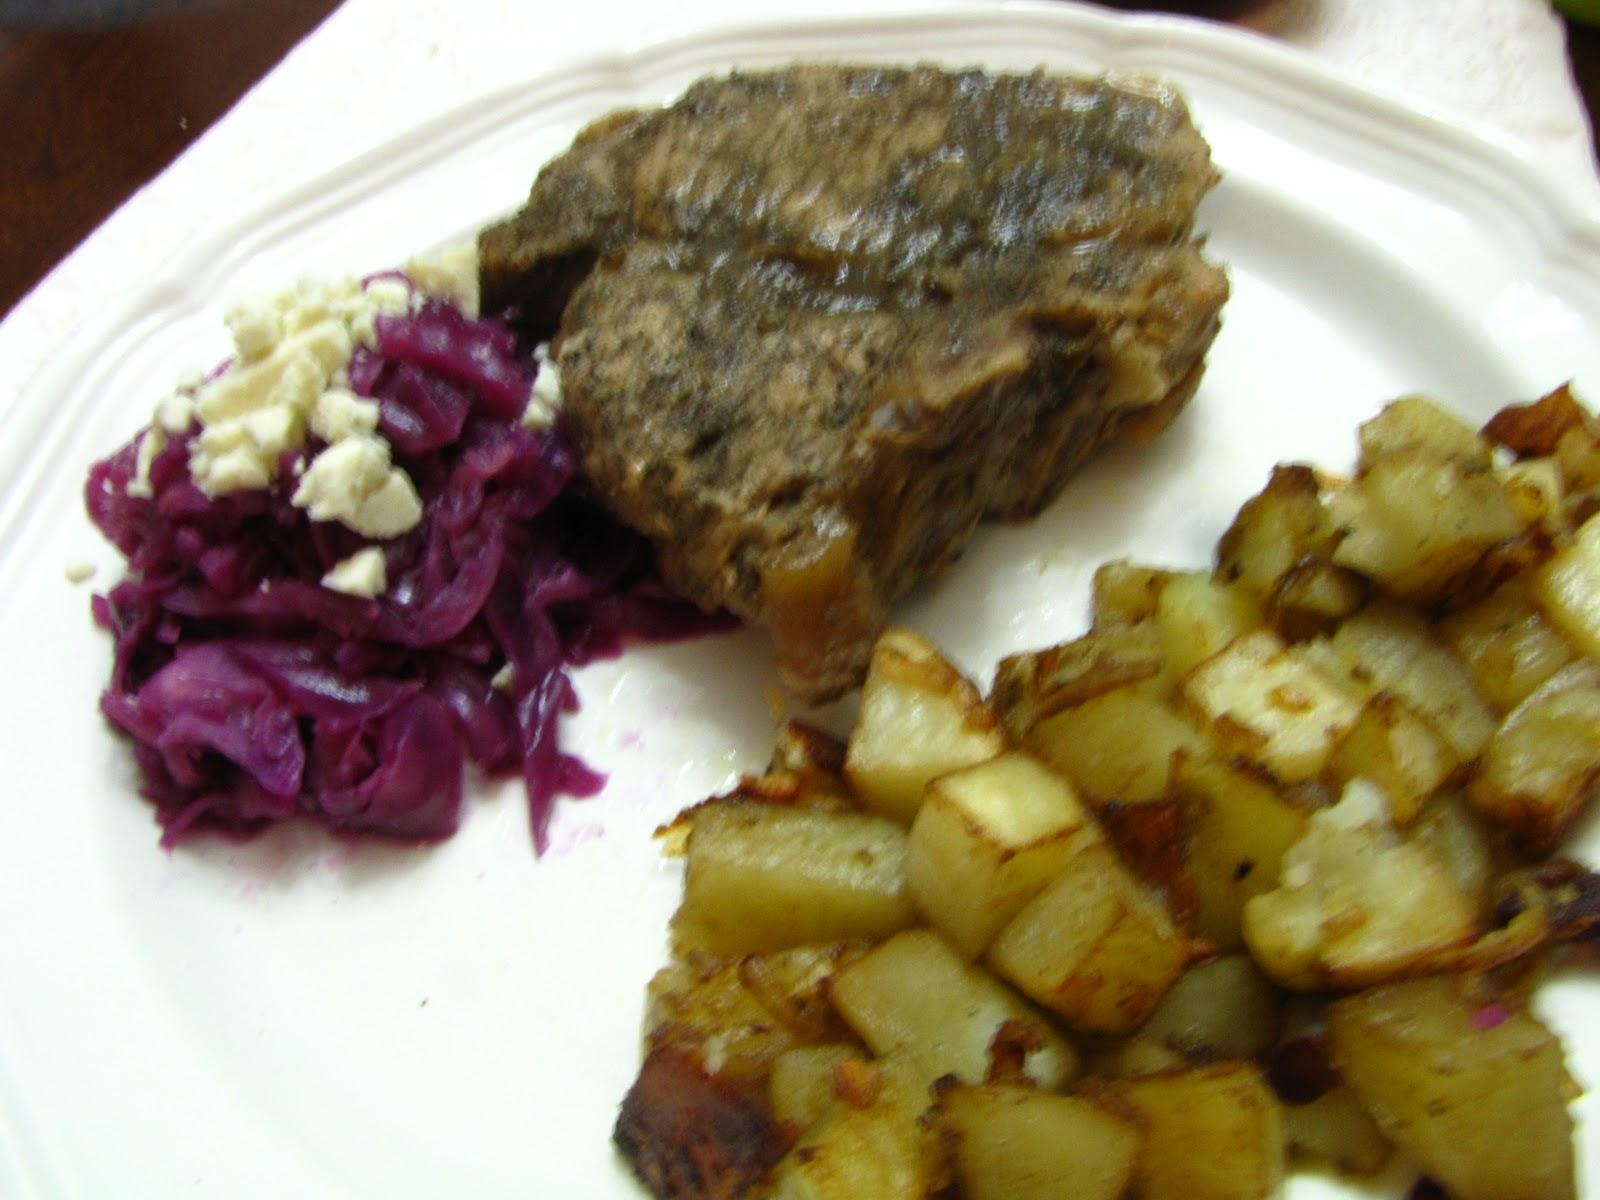 Deployment Kitchen 365: Sage Rubbed Pork Chops and Wild ...